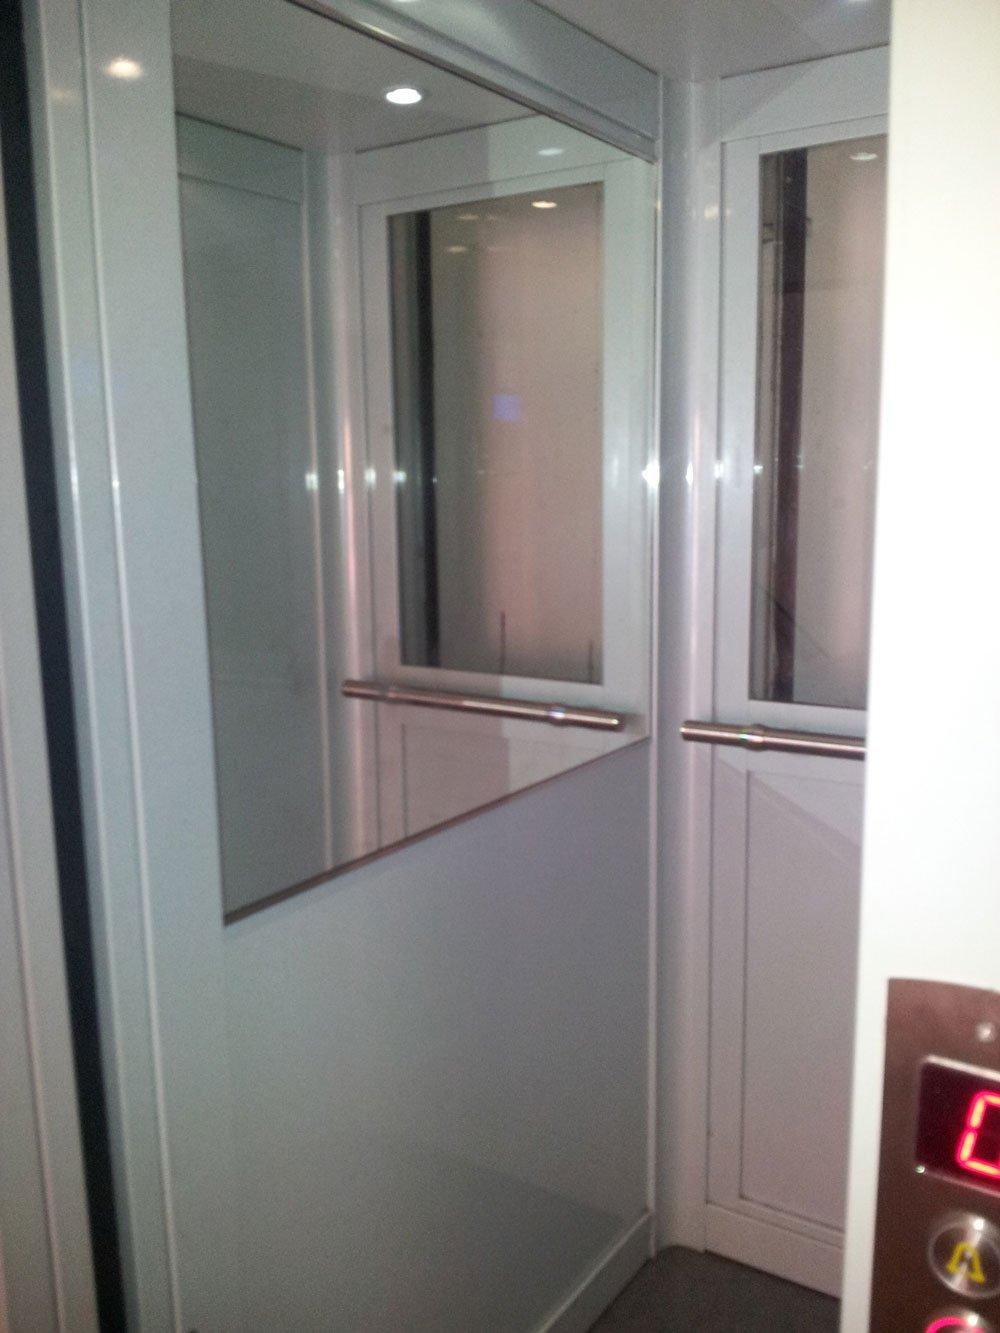 Ascensori panoramici ascensori per disabili Cabine per ascensori  Cava De Tirreni SA